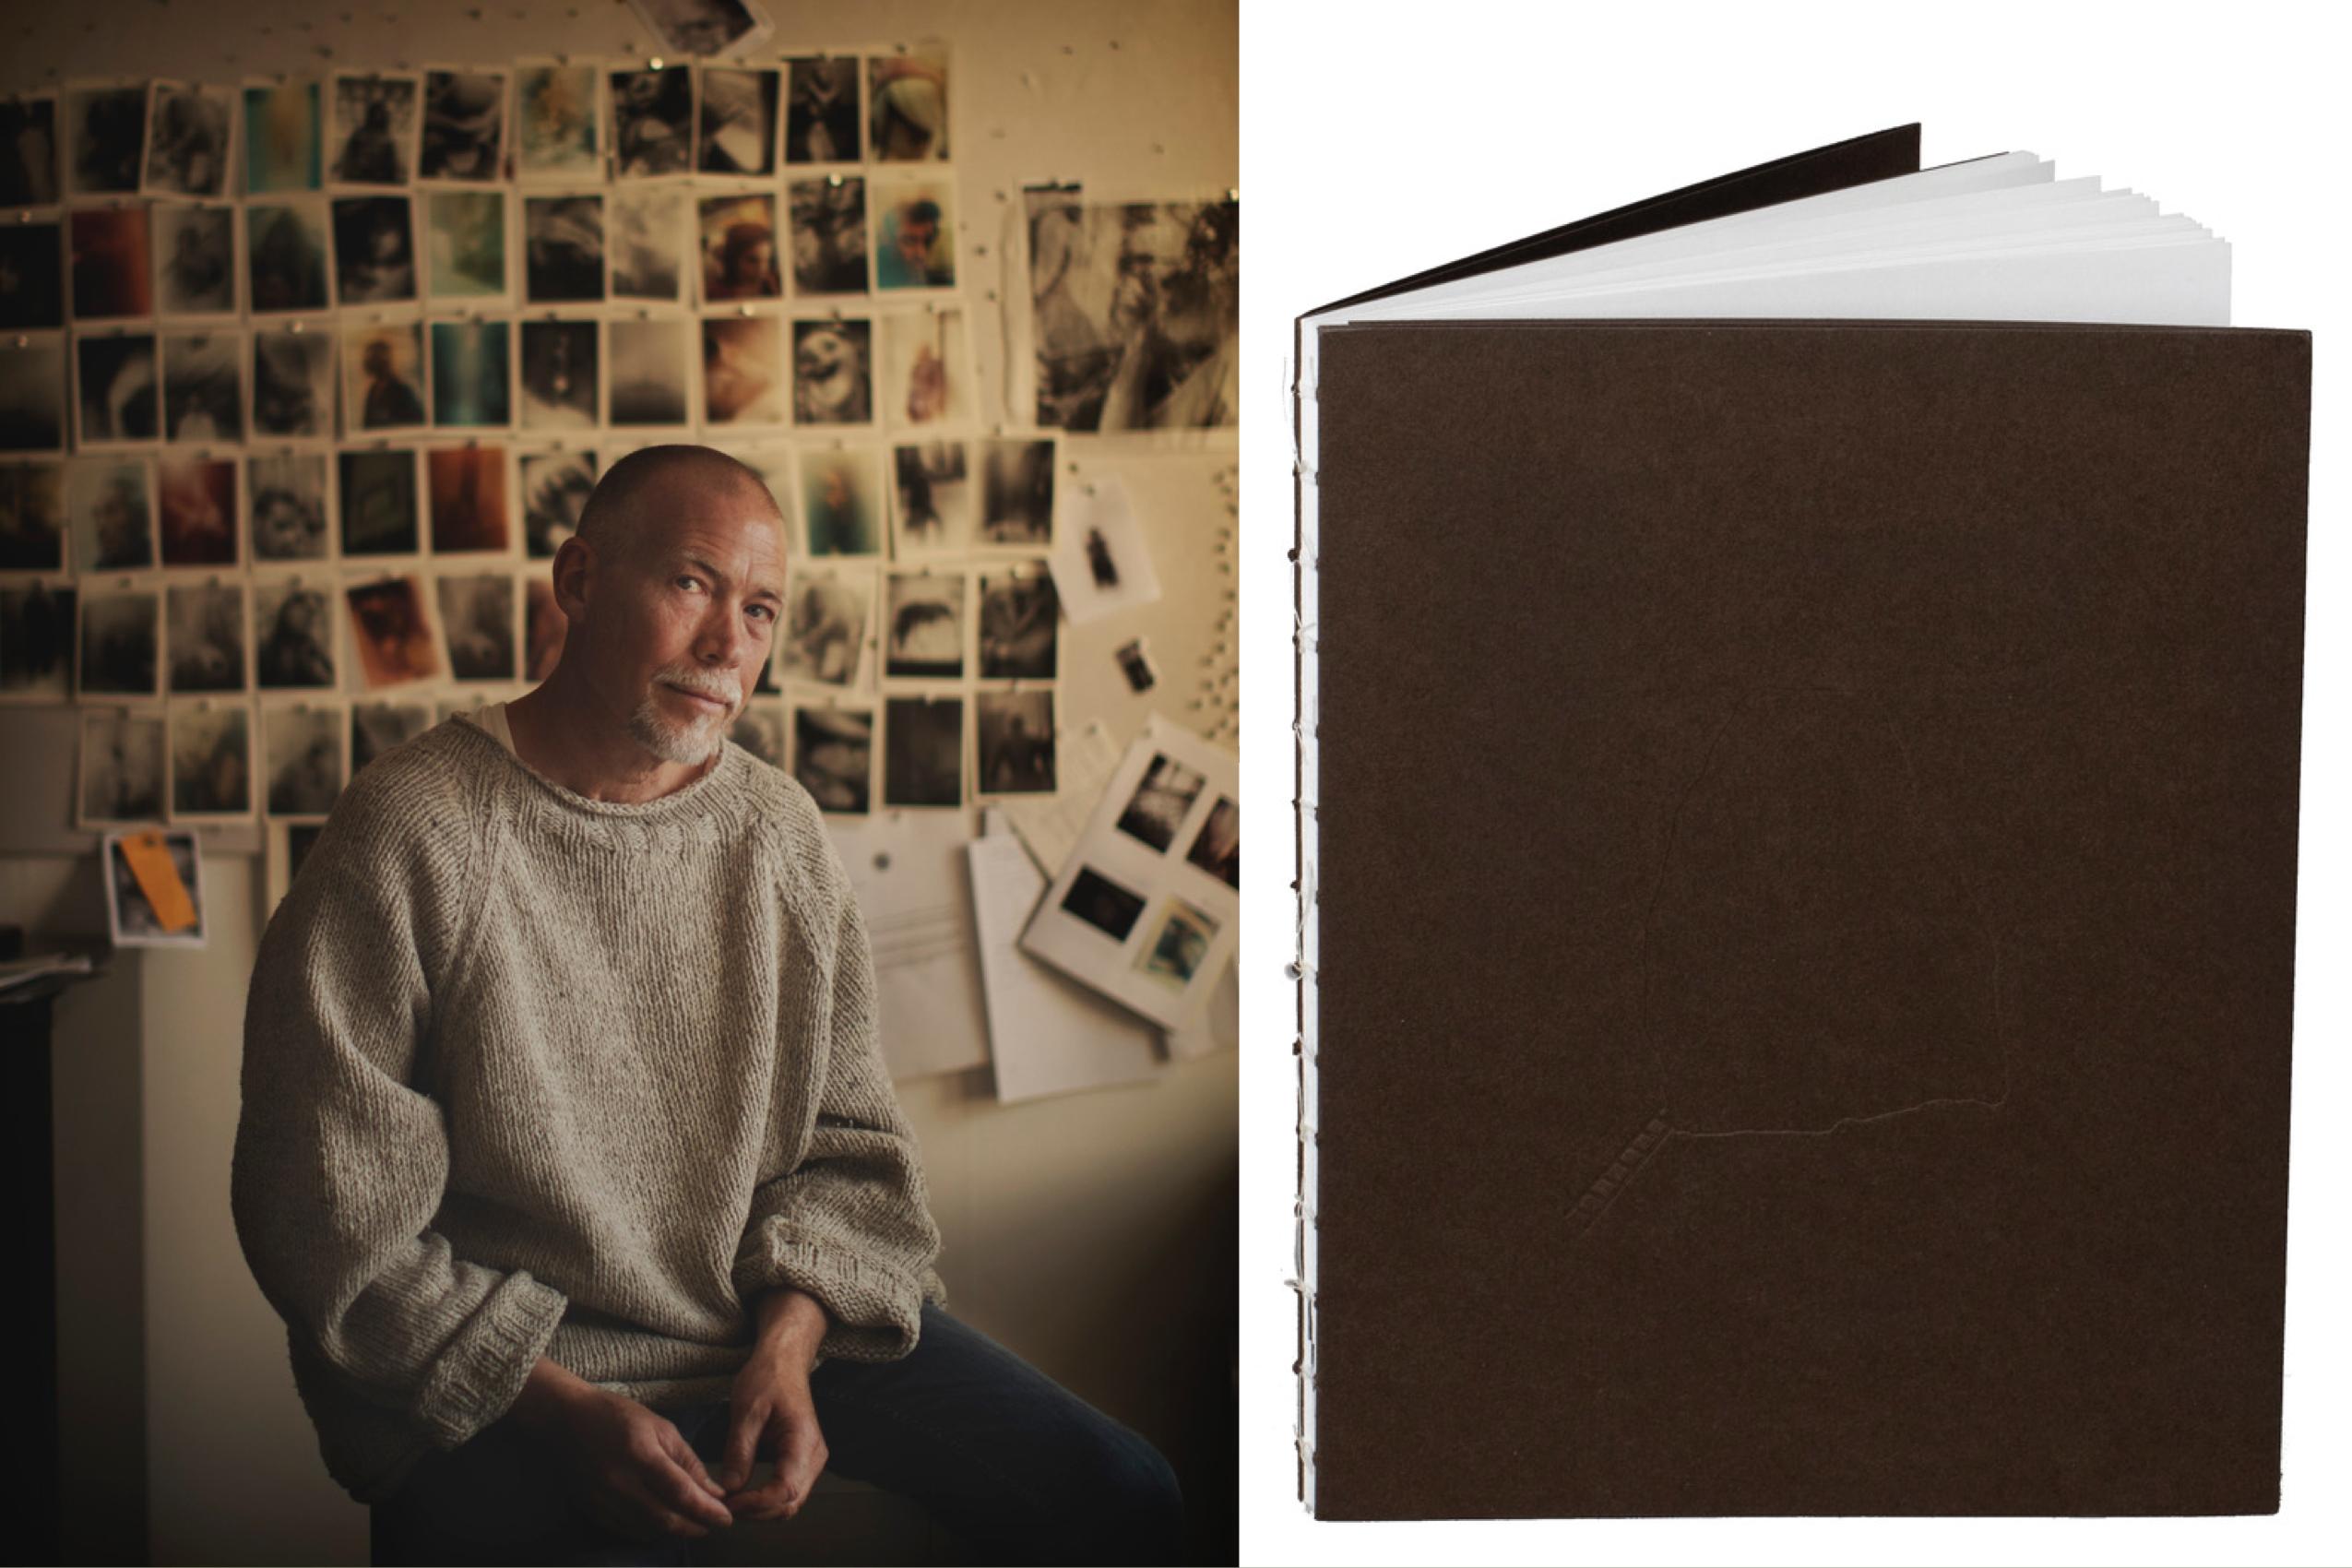 Martin Bogren vinner Svenska Fotobokspriset 2021